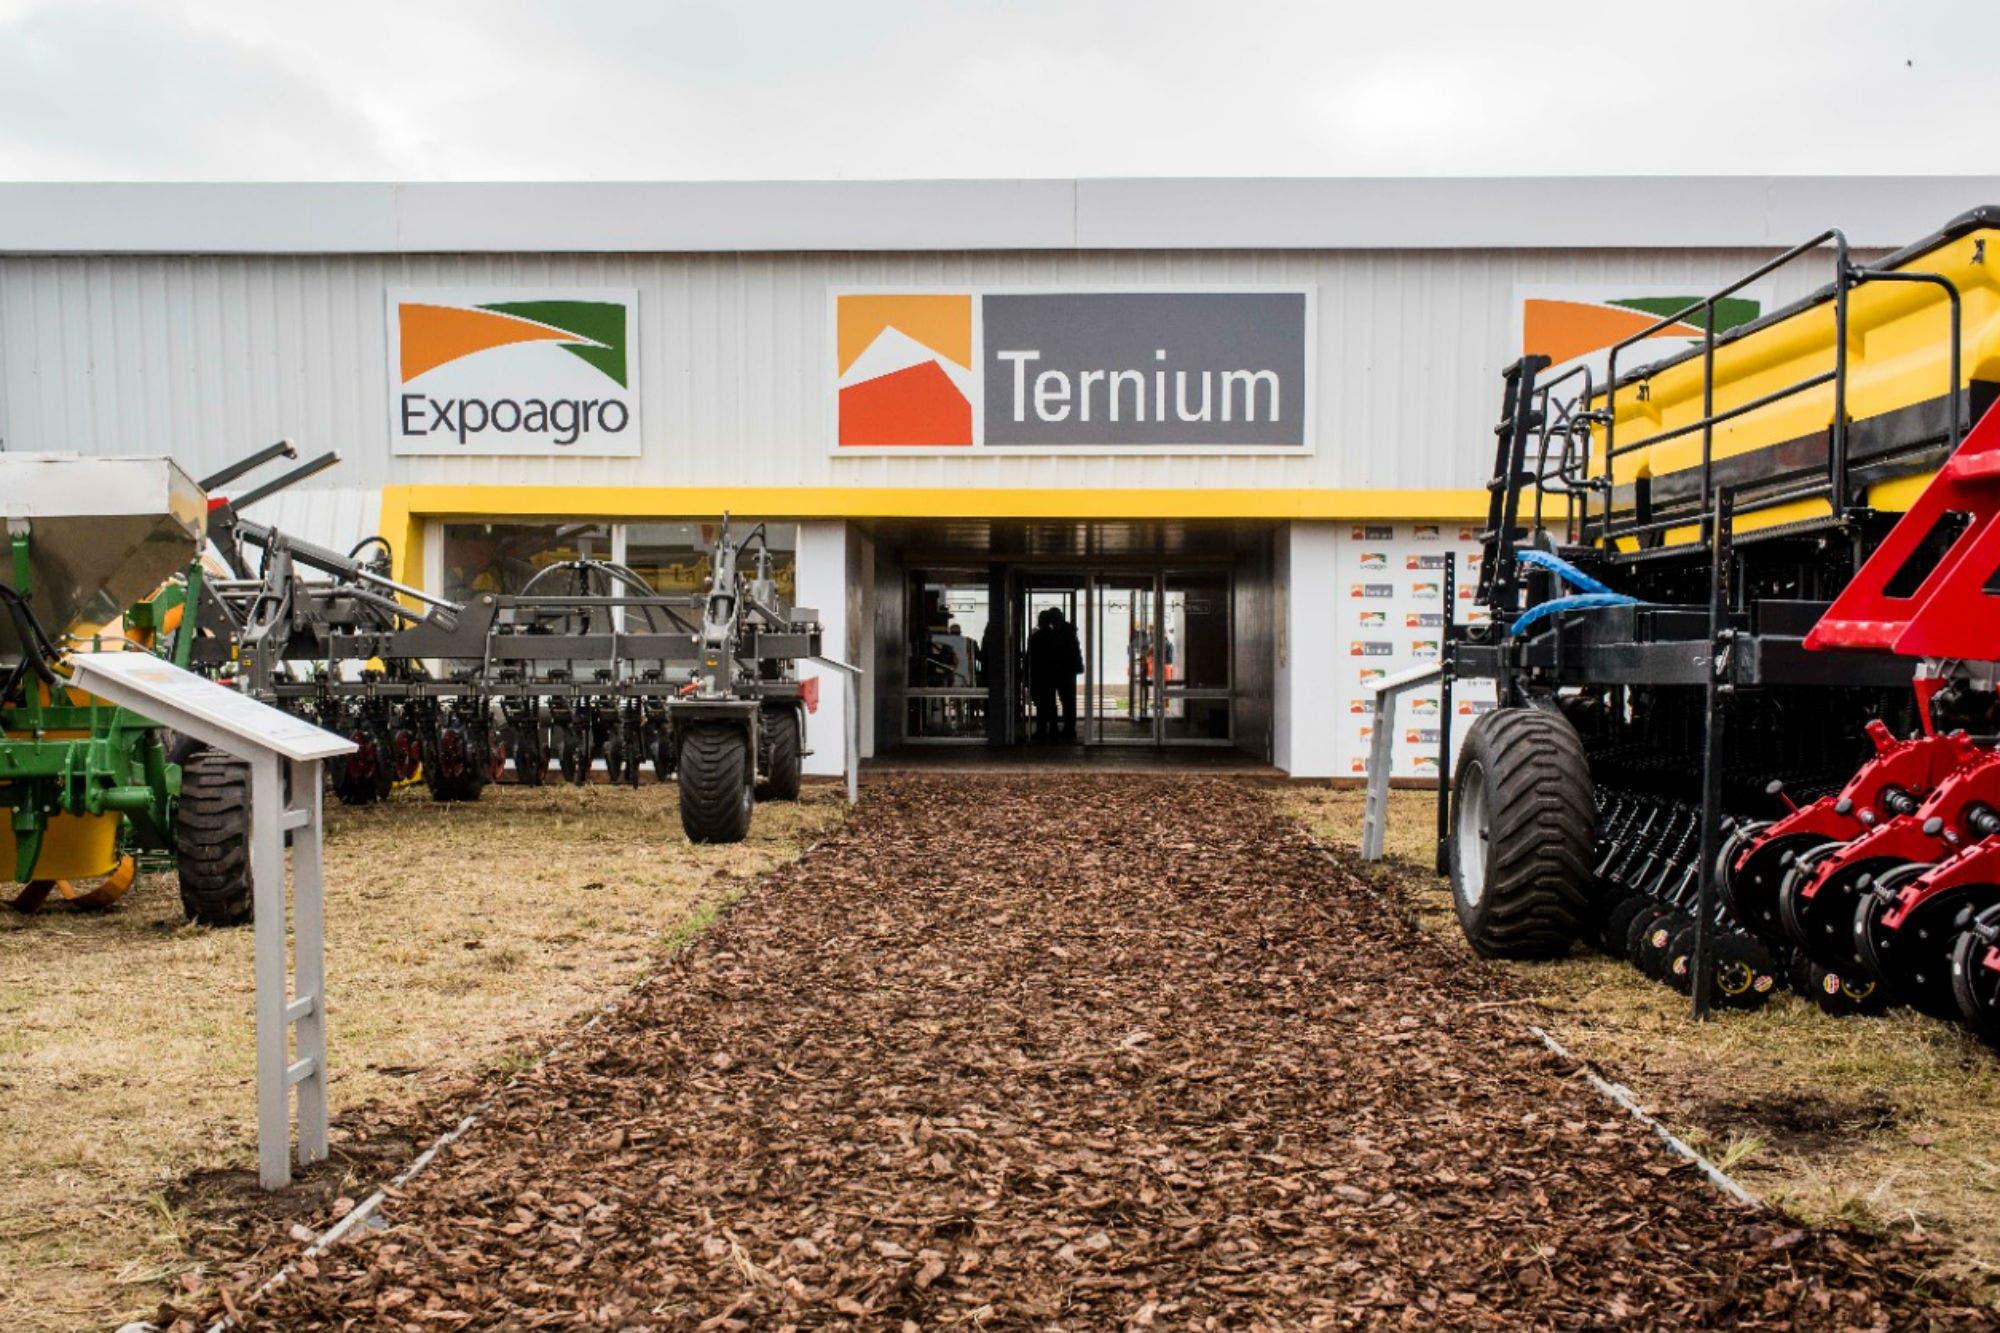 Premio Ternium Expoagro a la Innovación Agroindustrial: estos son los ganadores